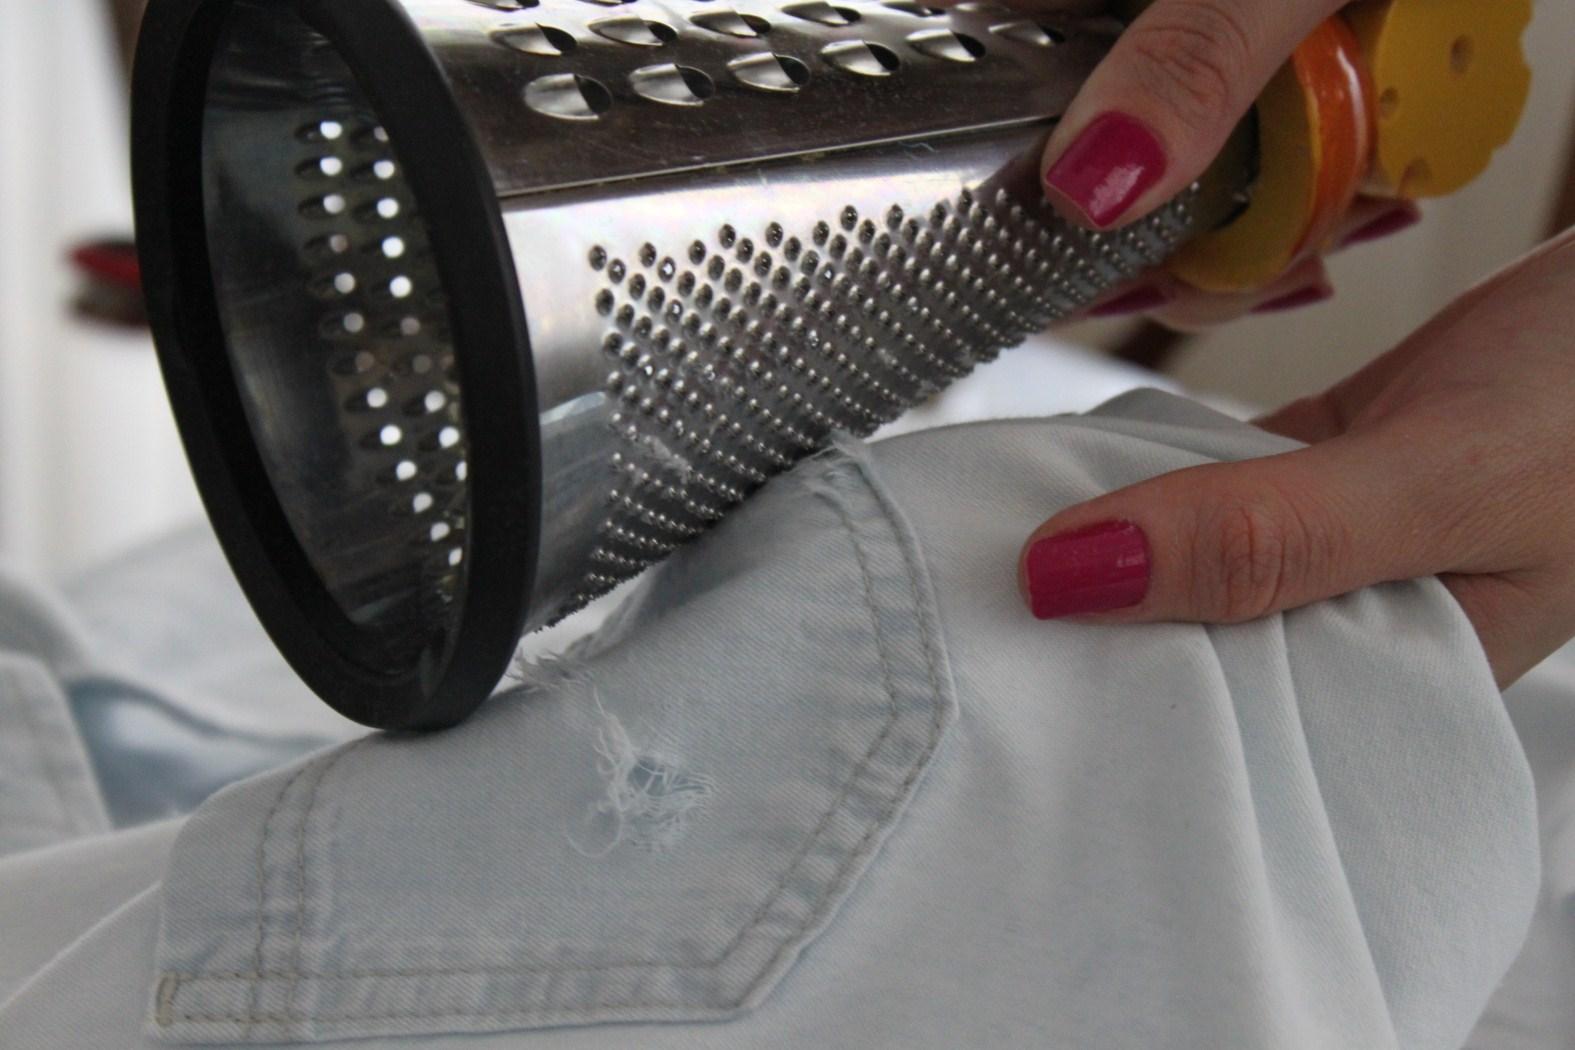 Meninas olhem como minha camisa ficou linda cheia de estilo. Um  #684131 1575x1050